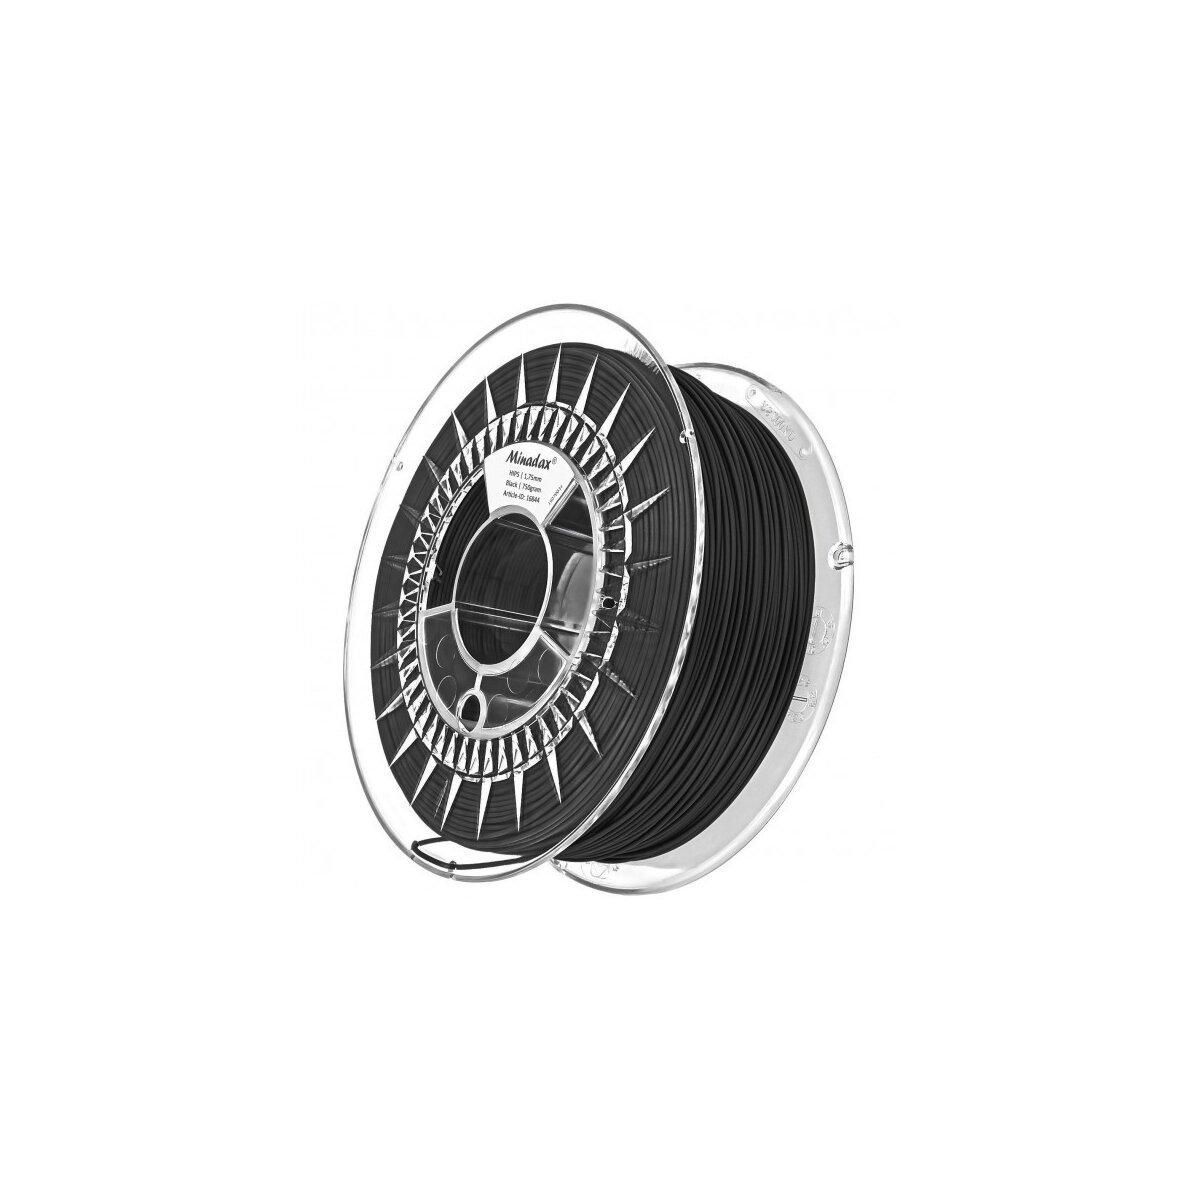 Minadax® 0,75kg Premium Qualitaet 1,75mm HIPS-Filament schwarz fuer 3D-Drucker hergestellt in Europa